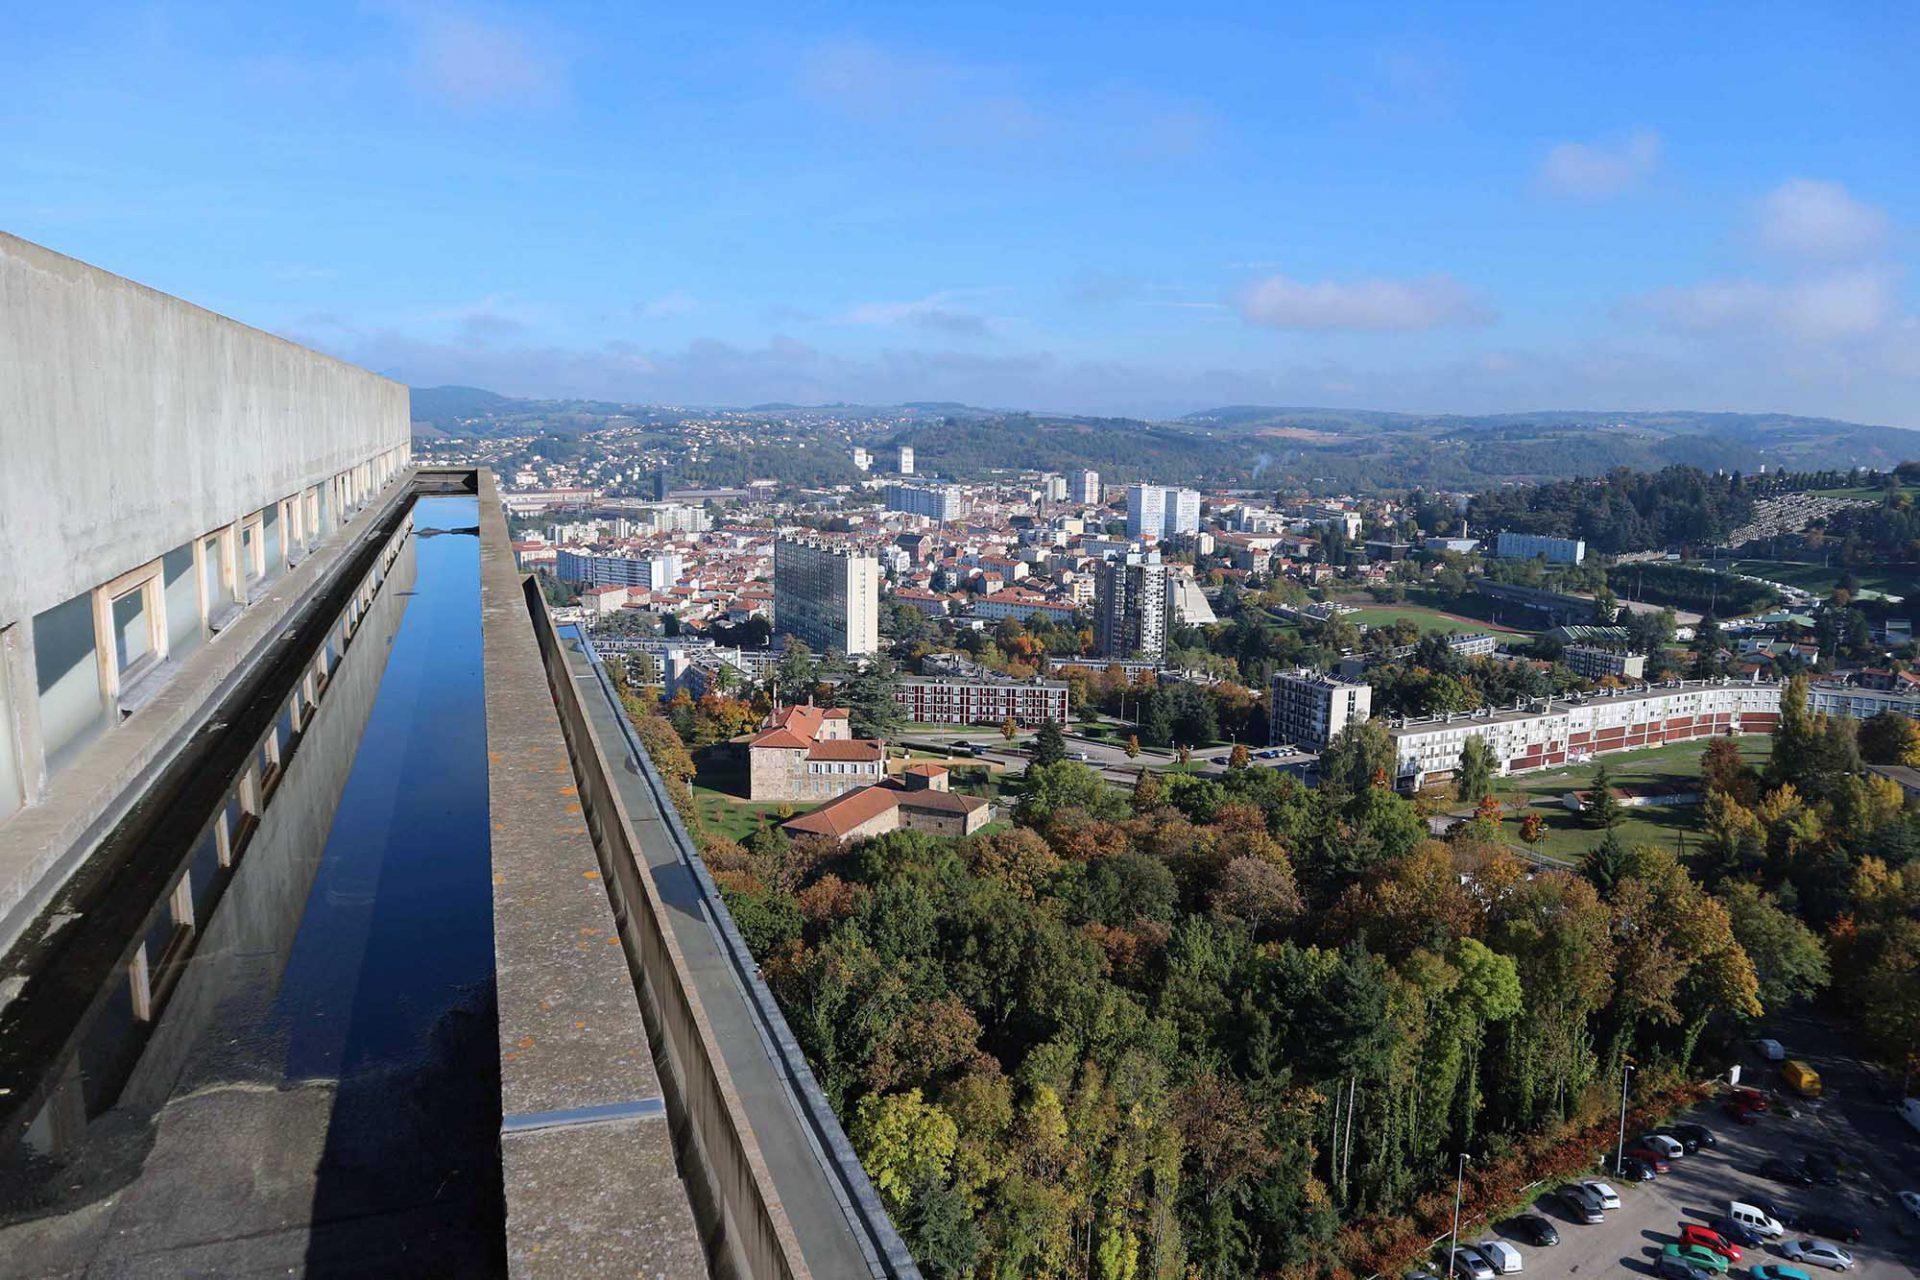 """Weite. Der Blick vom Dach der Unité d'Habitation auf Firminy-Vert und Firminy. Der von der Moderne begeisterte Bürgermeister Eugène Claudius-Petit engagierte Le Corbusier mit einem Team von Architekten für den Bau von mehreren Projekten und die Stadtplanung von Firminy-Vert. Hier sollte das """"grüne Firminy"""" ab den 1950er-Jahren mit den Le Corbusier-Vorstellungen des menschlichen Wohnens entstehen."""